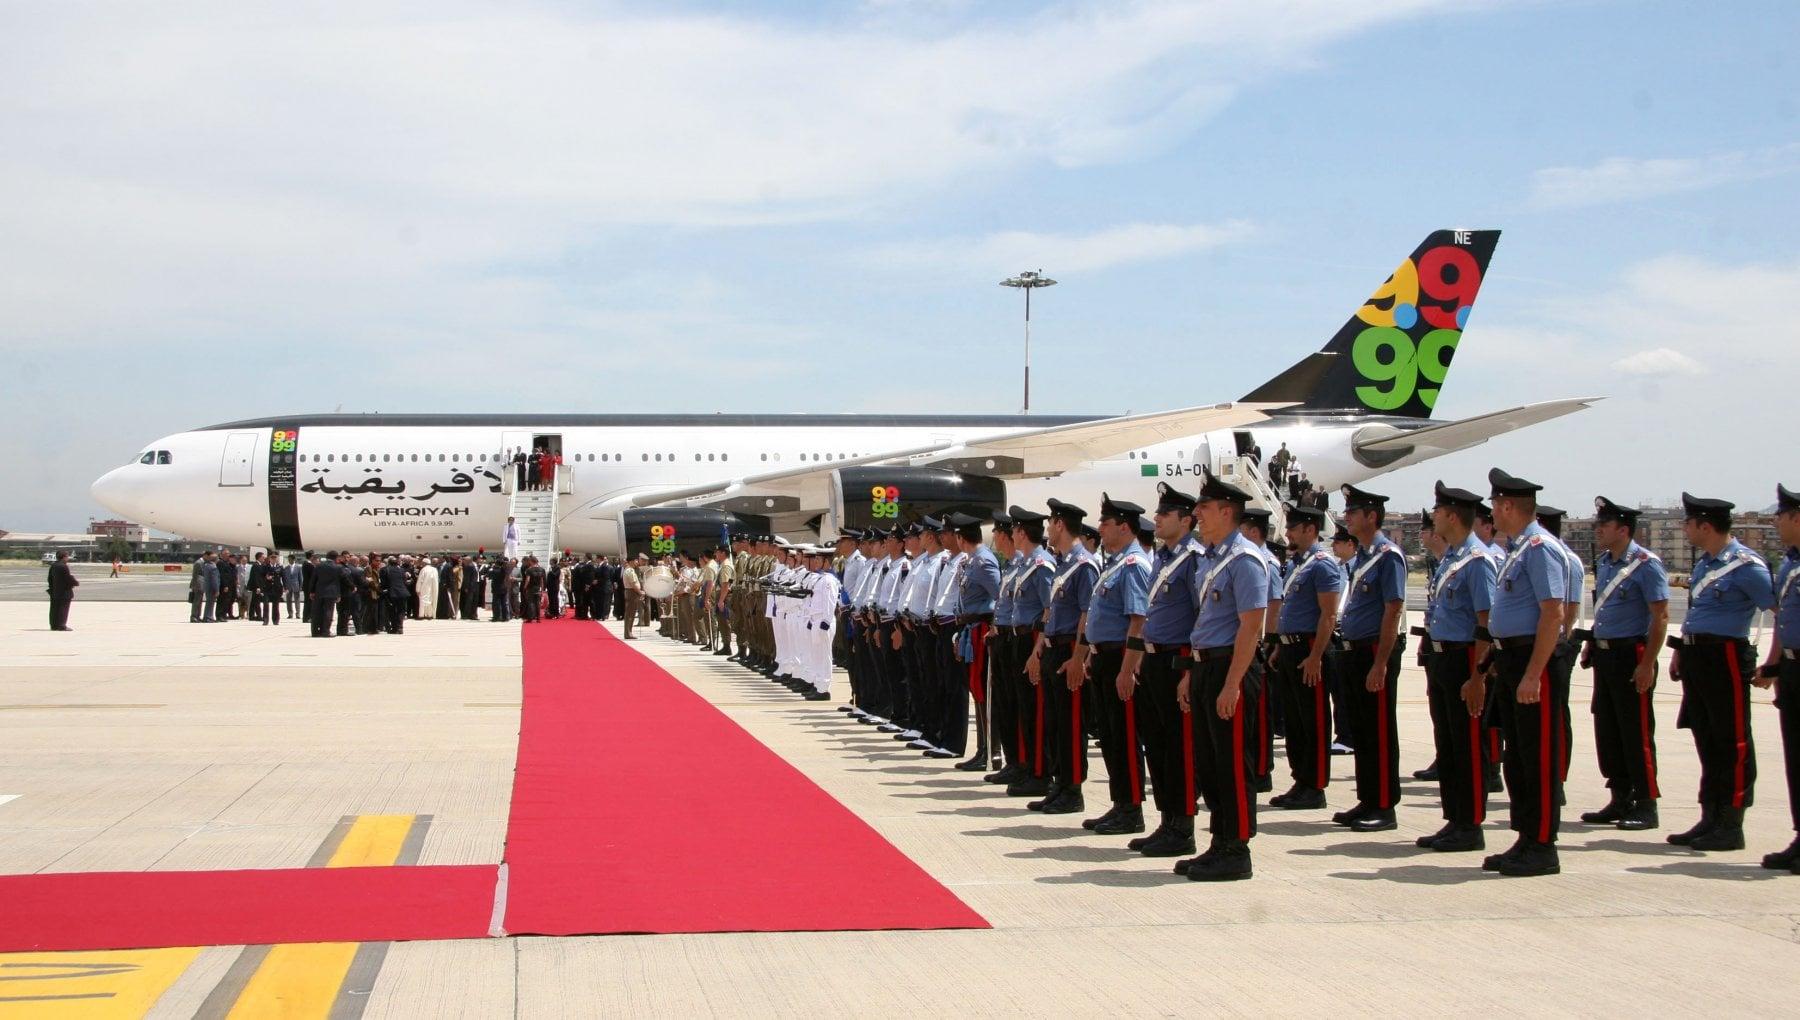 192627044 13ef7294 f24d 4117 809a 801441240a41 - Francia, ora l'aereo di Gheddafi può tornare in Libia